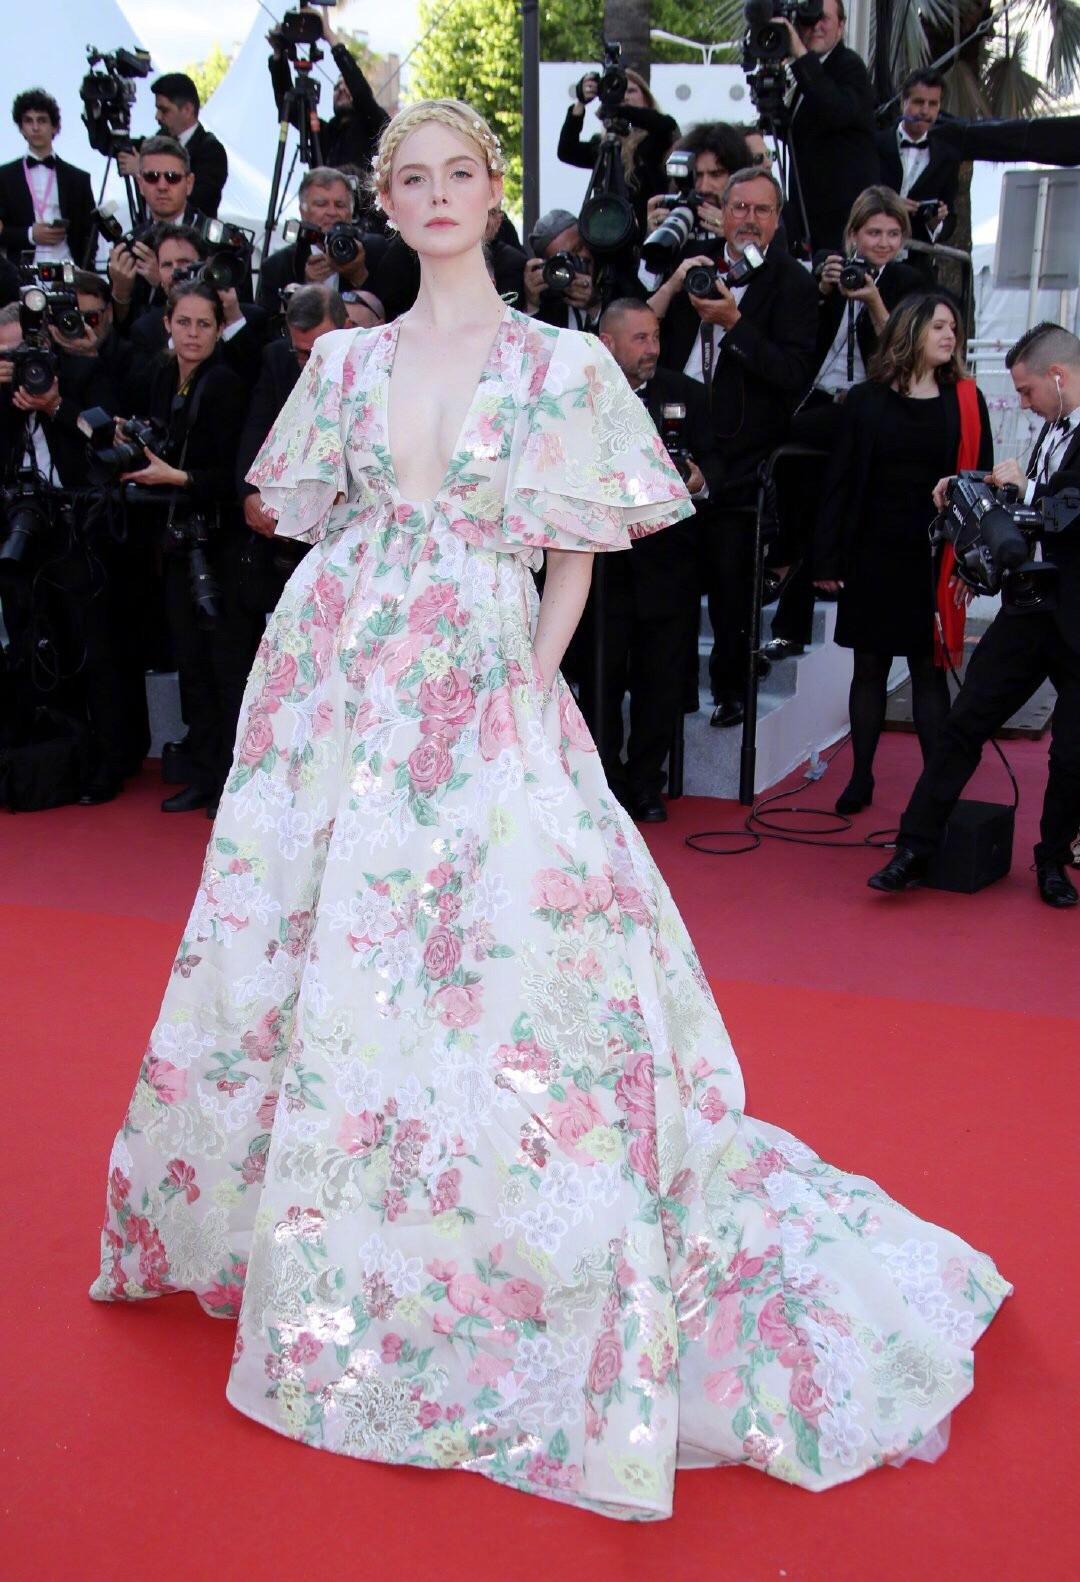 """Elle Fanning thành tiên nữ đẹp hơn hoa tại Cannes, nhưng netizen xứ Trung lại chỉ nhớ đến """"hoa tiên tử"""" Phạm Băng Băng ngày nào - Ảnh 4."""